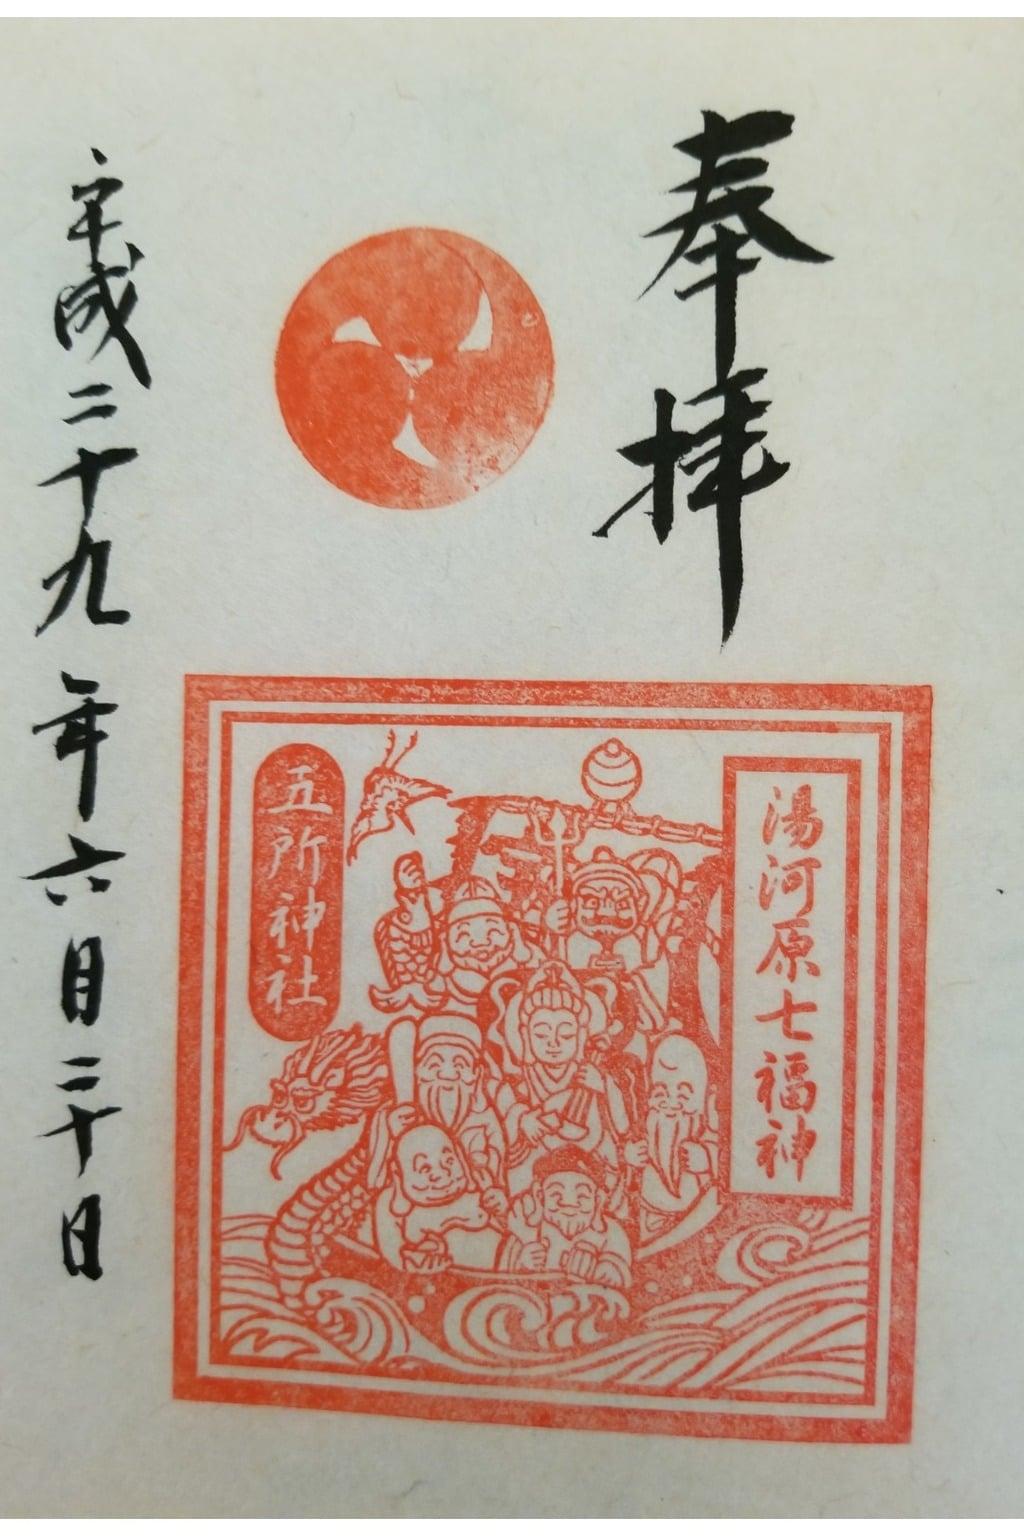 五所神社の御朱印